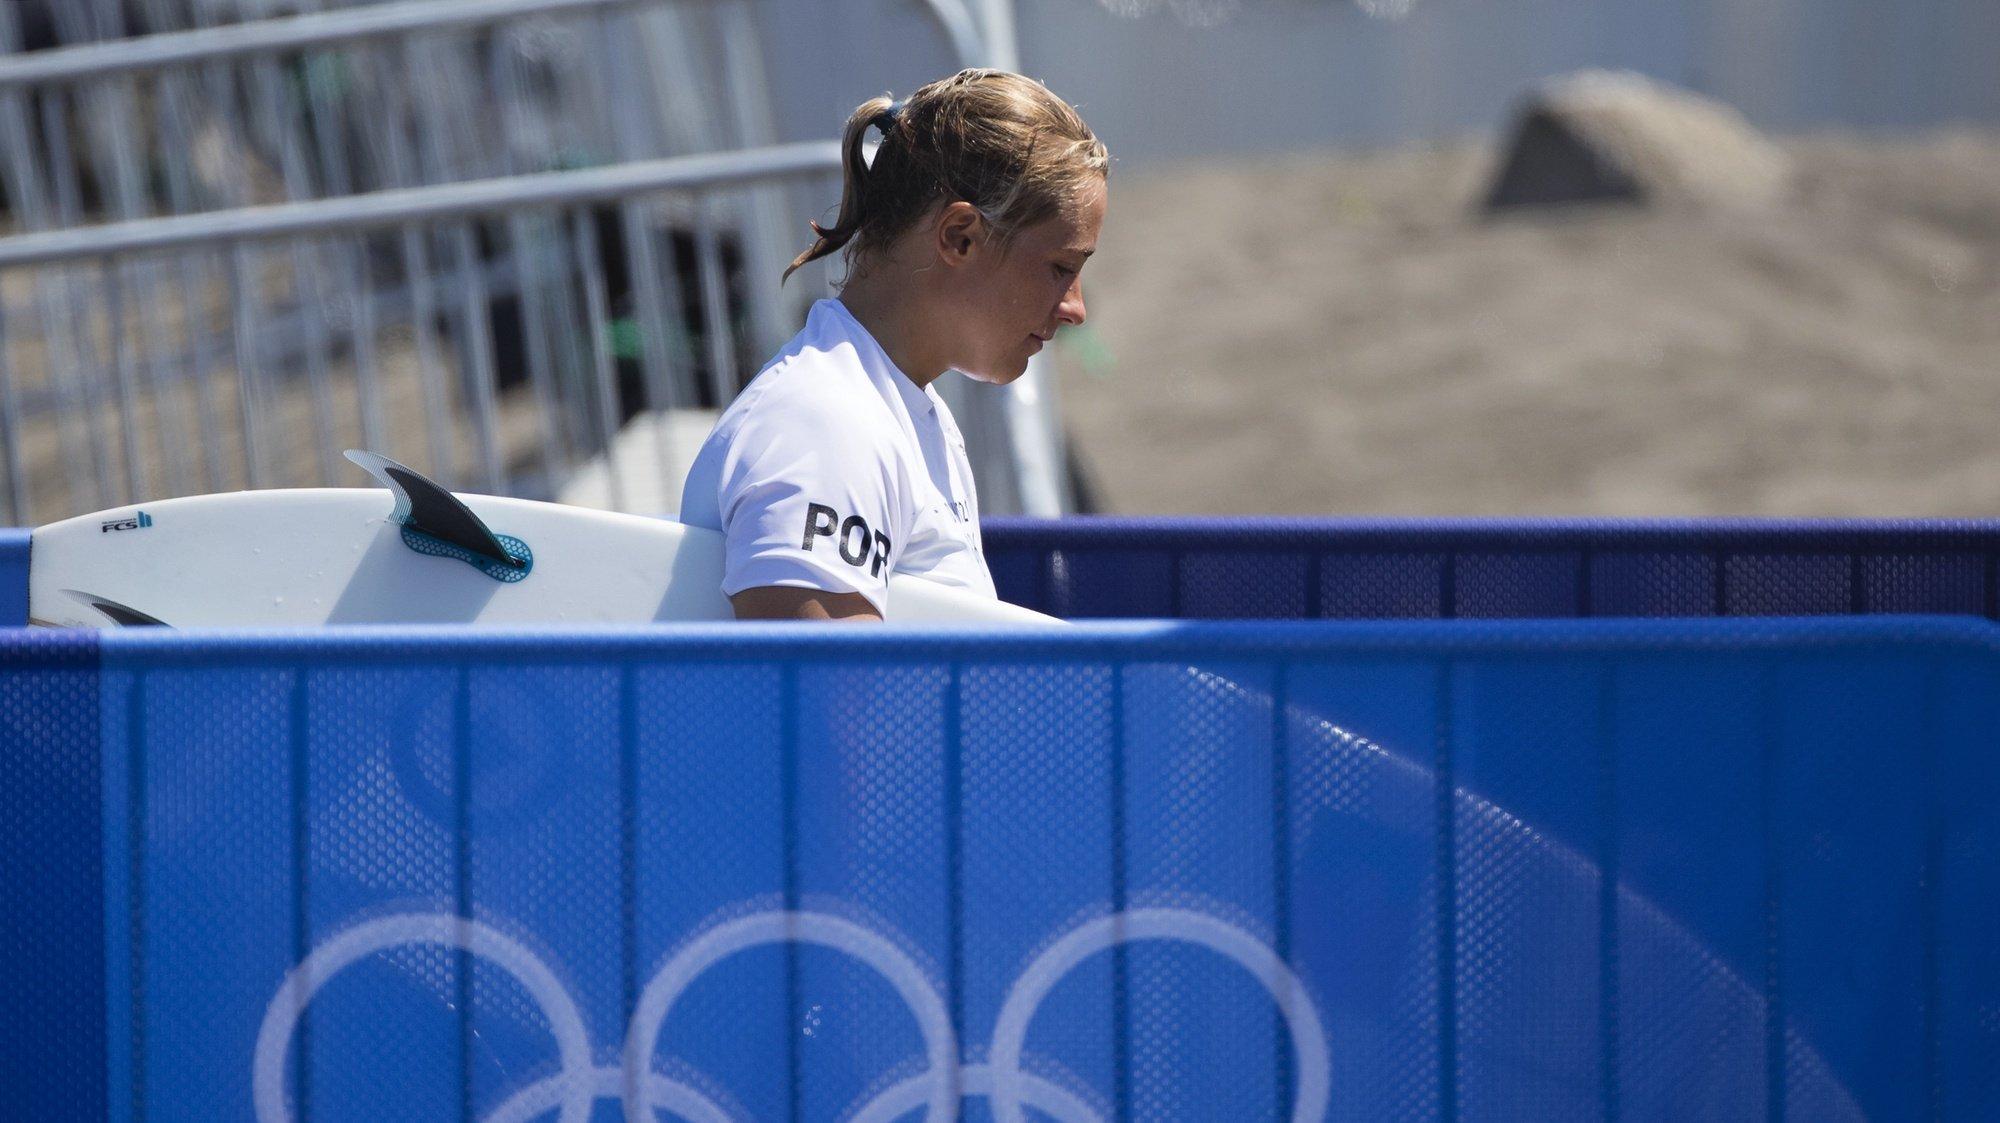 A portuguesa Yolanda Sequeira na primeira ronda do surf olímpico de Tóquio2020, na praia de Tsurigasaki, em Chiba, a cerca de 100 quilómetros de Tóquio, Japão, 25 de julho de 2021.  Yolanda Sequeira foi hoje relegada para a repescagem na prova de surf feminino dos Jogos Olímpicos Tóquio202JOSÉ COELHO/LUSA